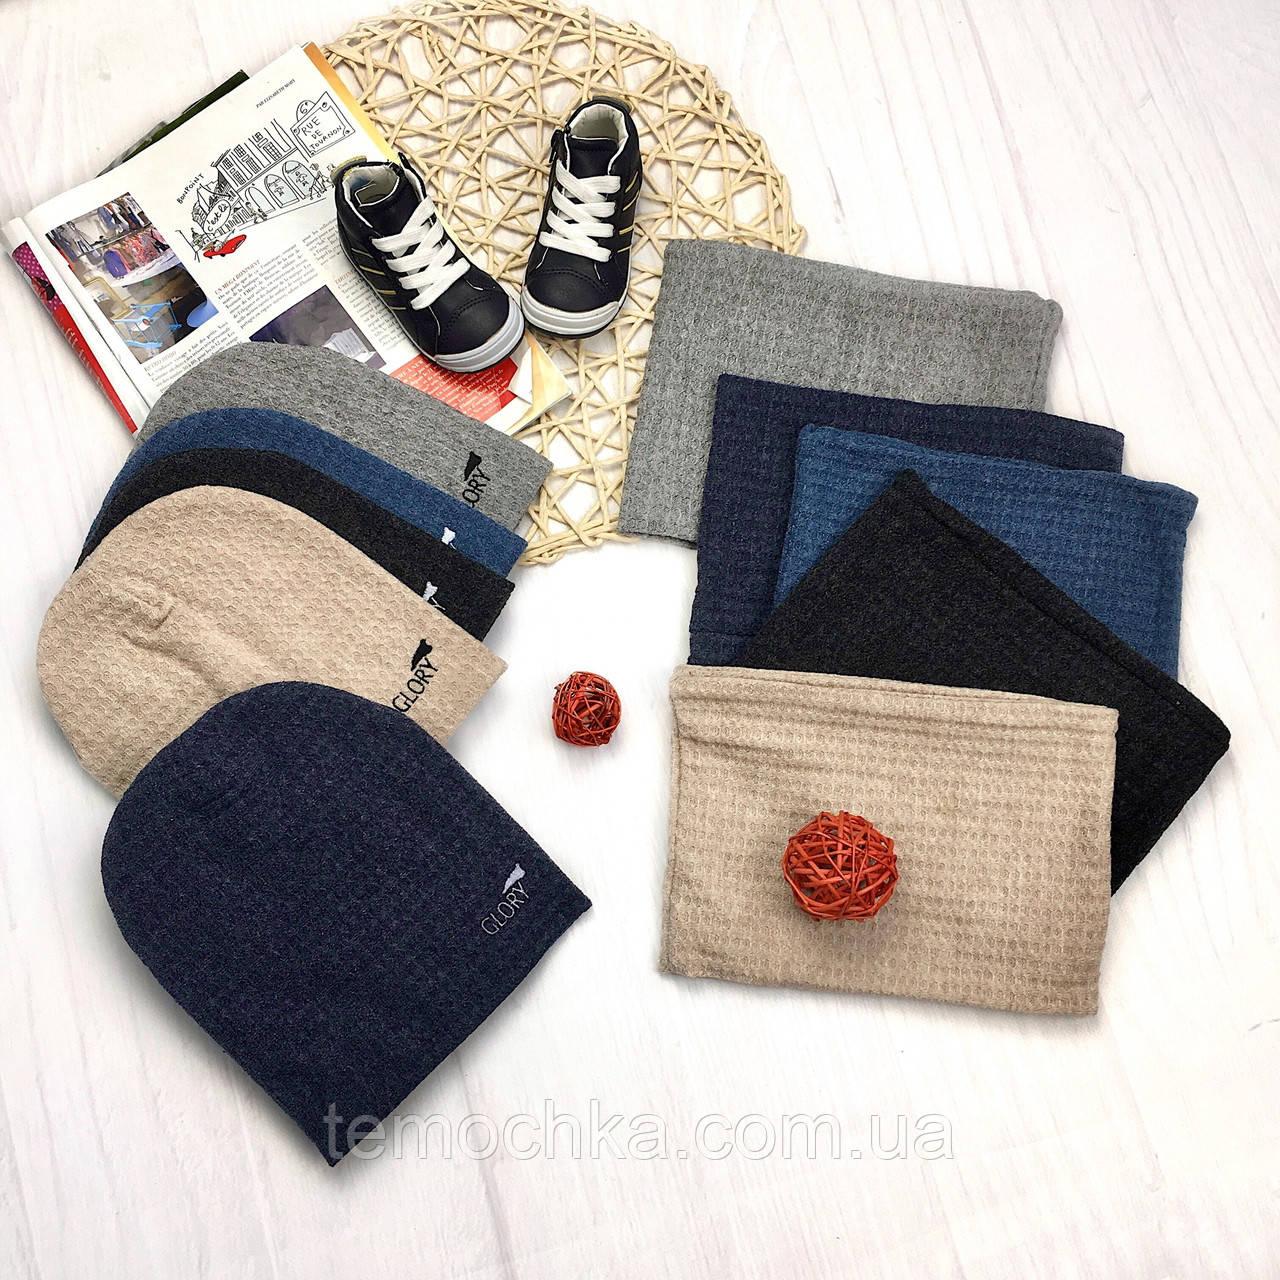 Шапка шапочка детская с шарфом хомутом для мальчика или девочки